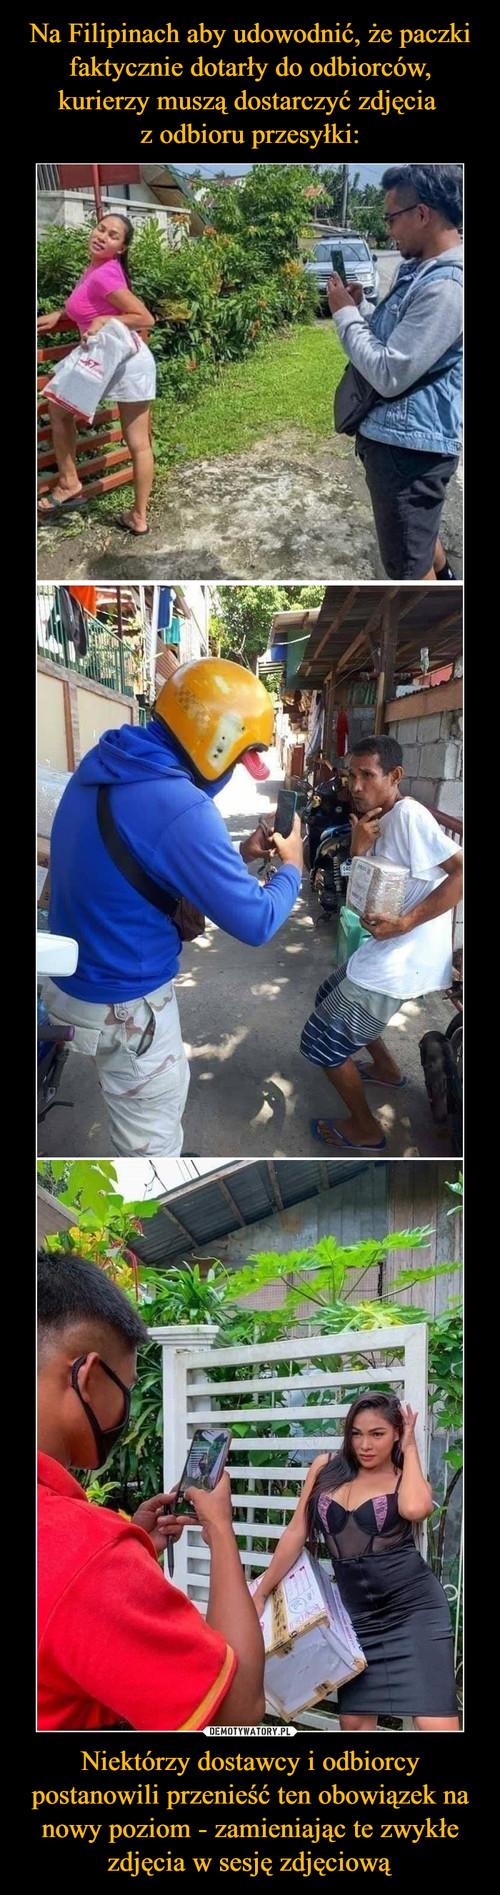 Na Filipinach aby udowodnić, że paczki faktycznie dotarły do odbiorców, kurierzy muszą dostarczyć zdjęcia  z odbioru przesyłki: Niektórzy dostawcy i odbiorcy postanowili przenieść ten obowiązek na nowy poziom - zamieniając te zwykłe zdjęcia w sesję zdjęciową